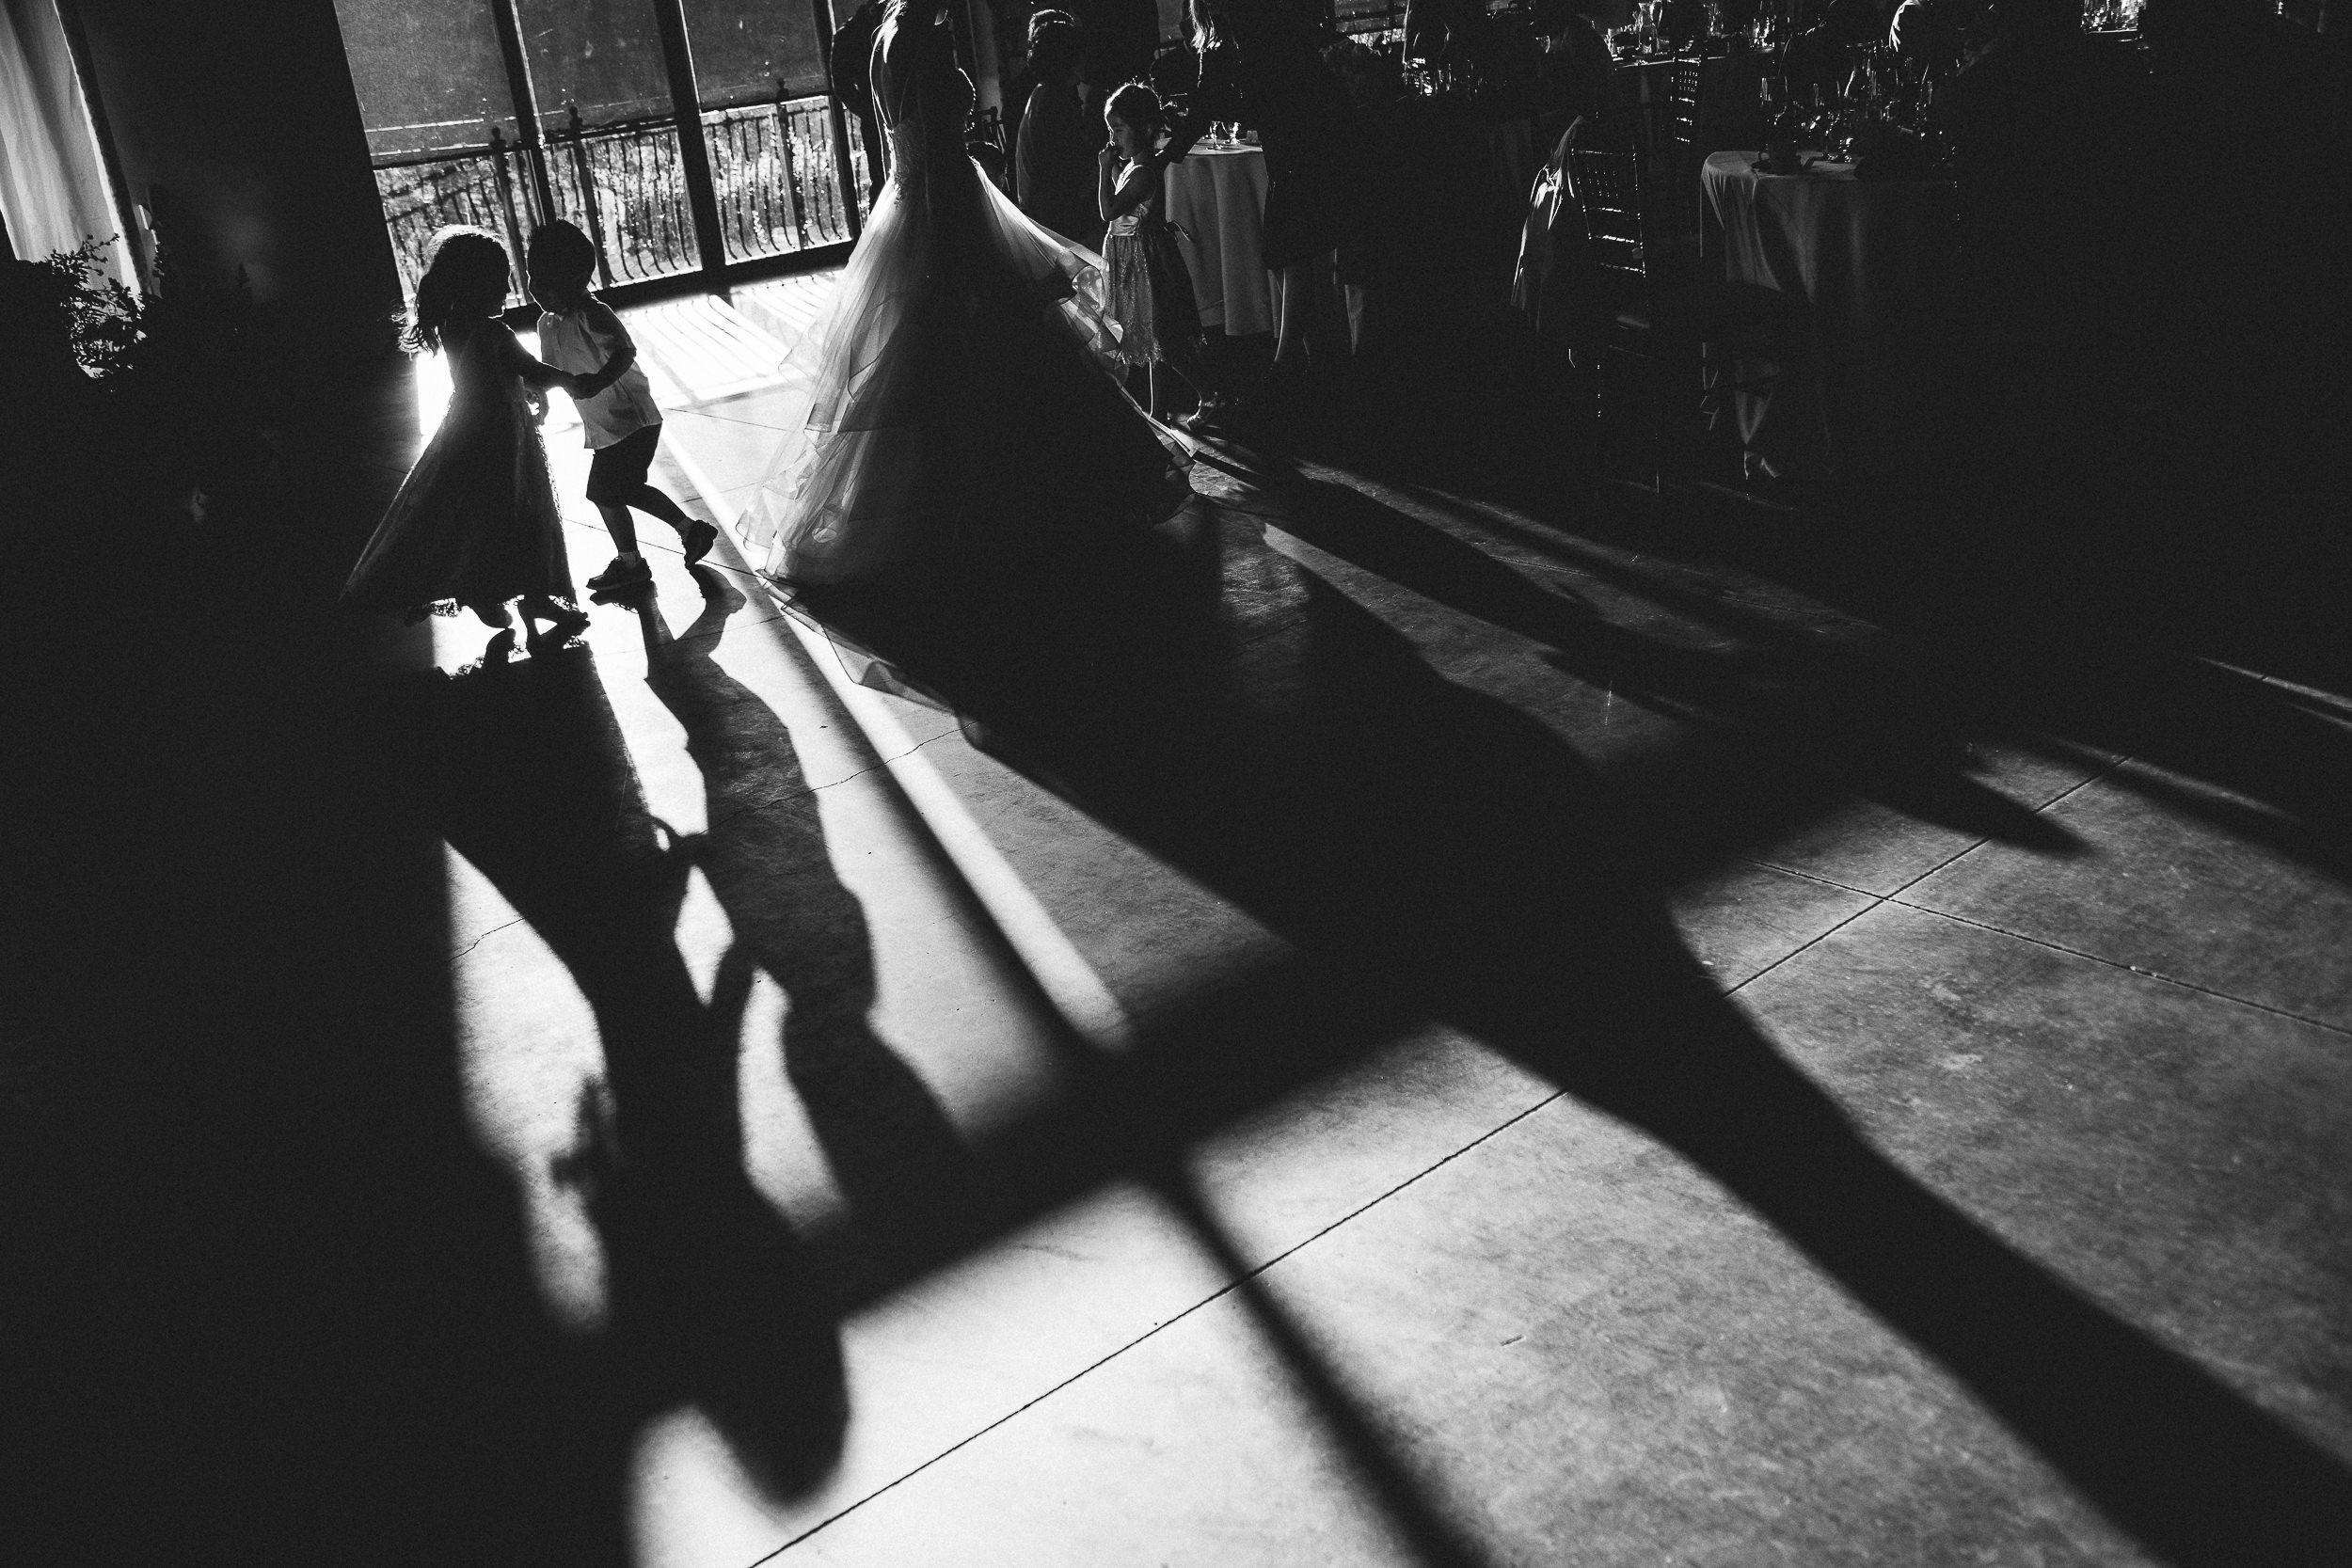 Bridges-Golf-Club-Wedding-Photography-050.jpg